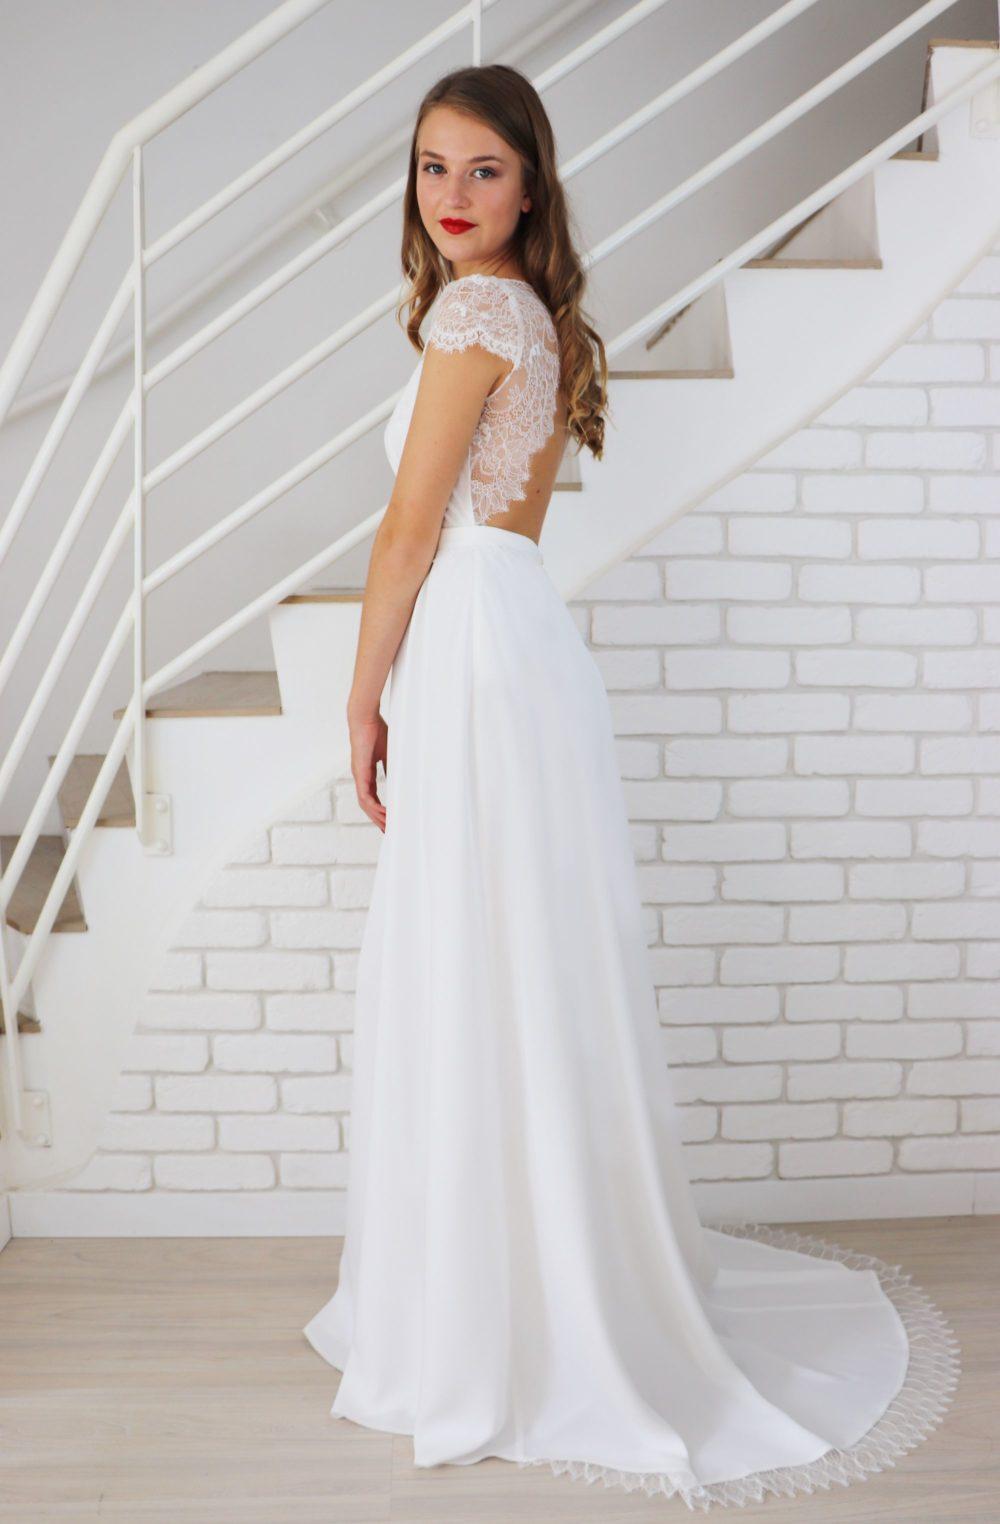 Robe de mariée longue de cérémonie avec traine et dos ouvert en dentelle de chantilly.